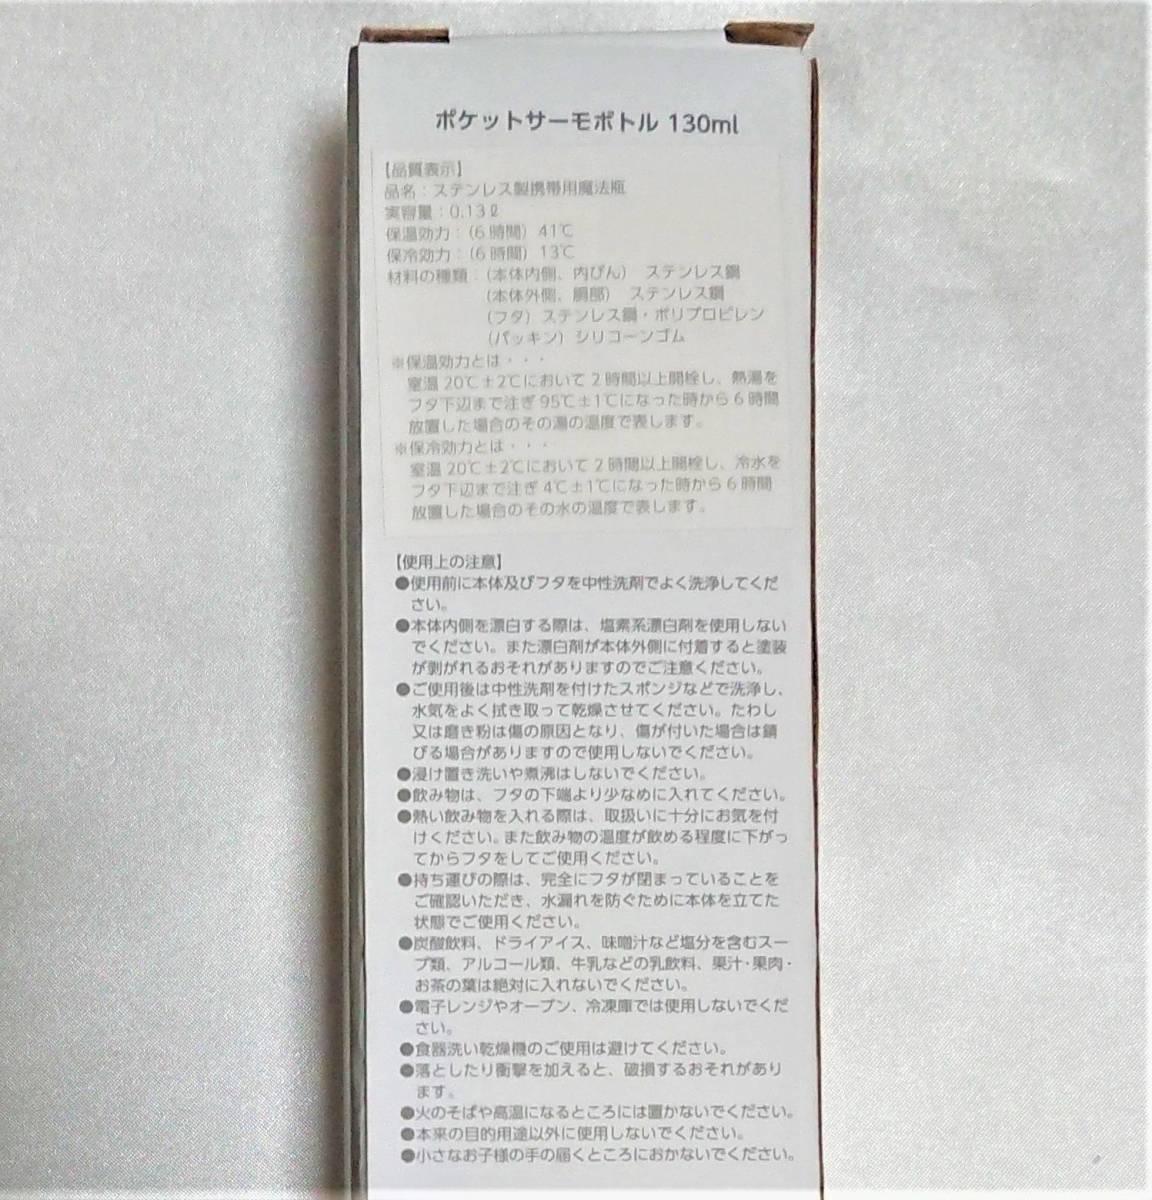 ★即決・送料無料★ ハローキティ × 東京水道局 ポケットサーモボトル ステンレスボトル マグボトル